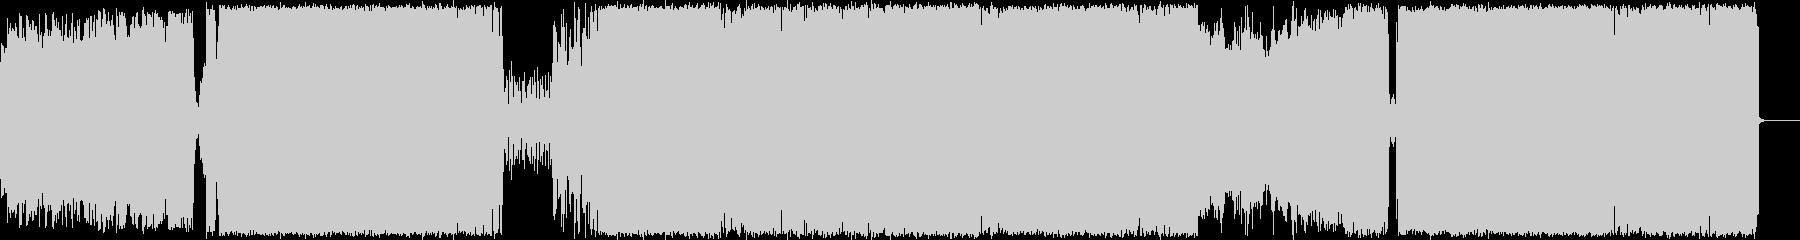 尺八.三味線を取り入れたヘビーロックの未再生の波形